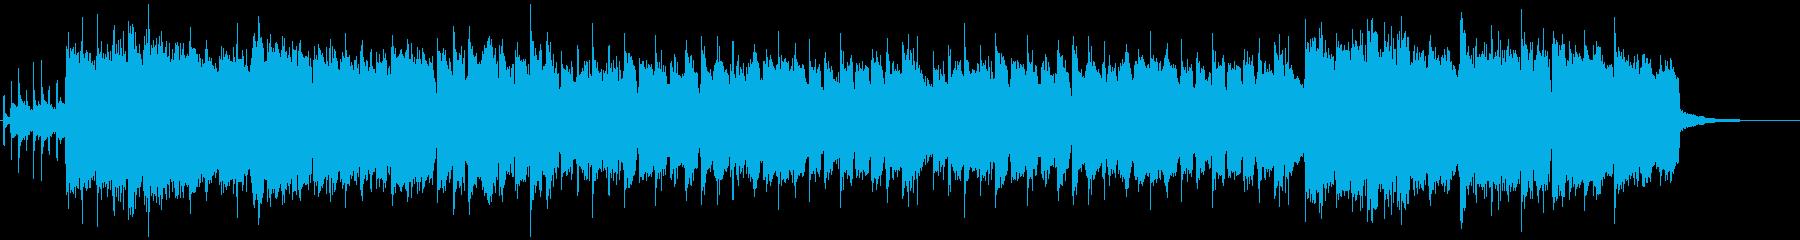 現代のポップロックインスト。高騰-...の再生済みの波形